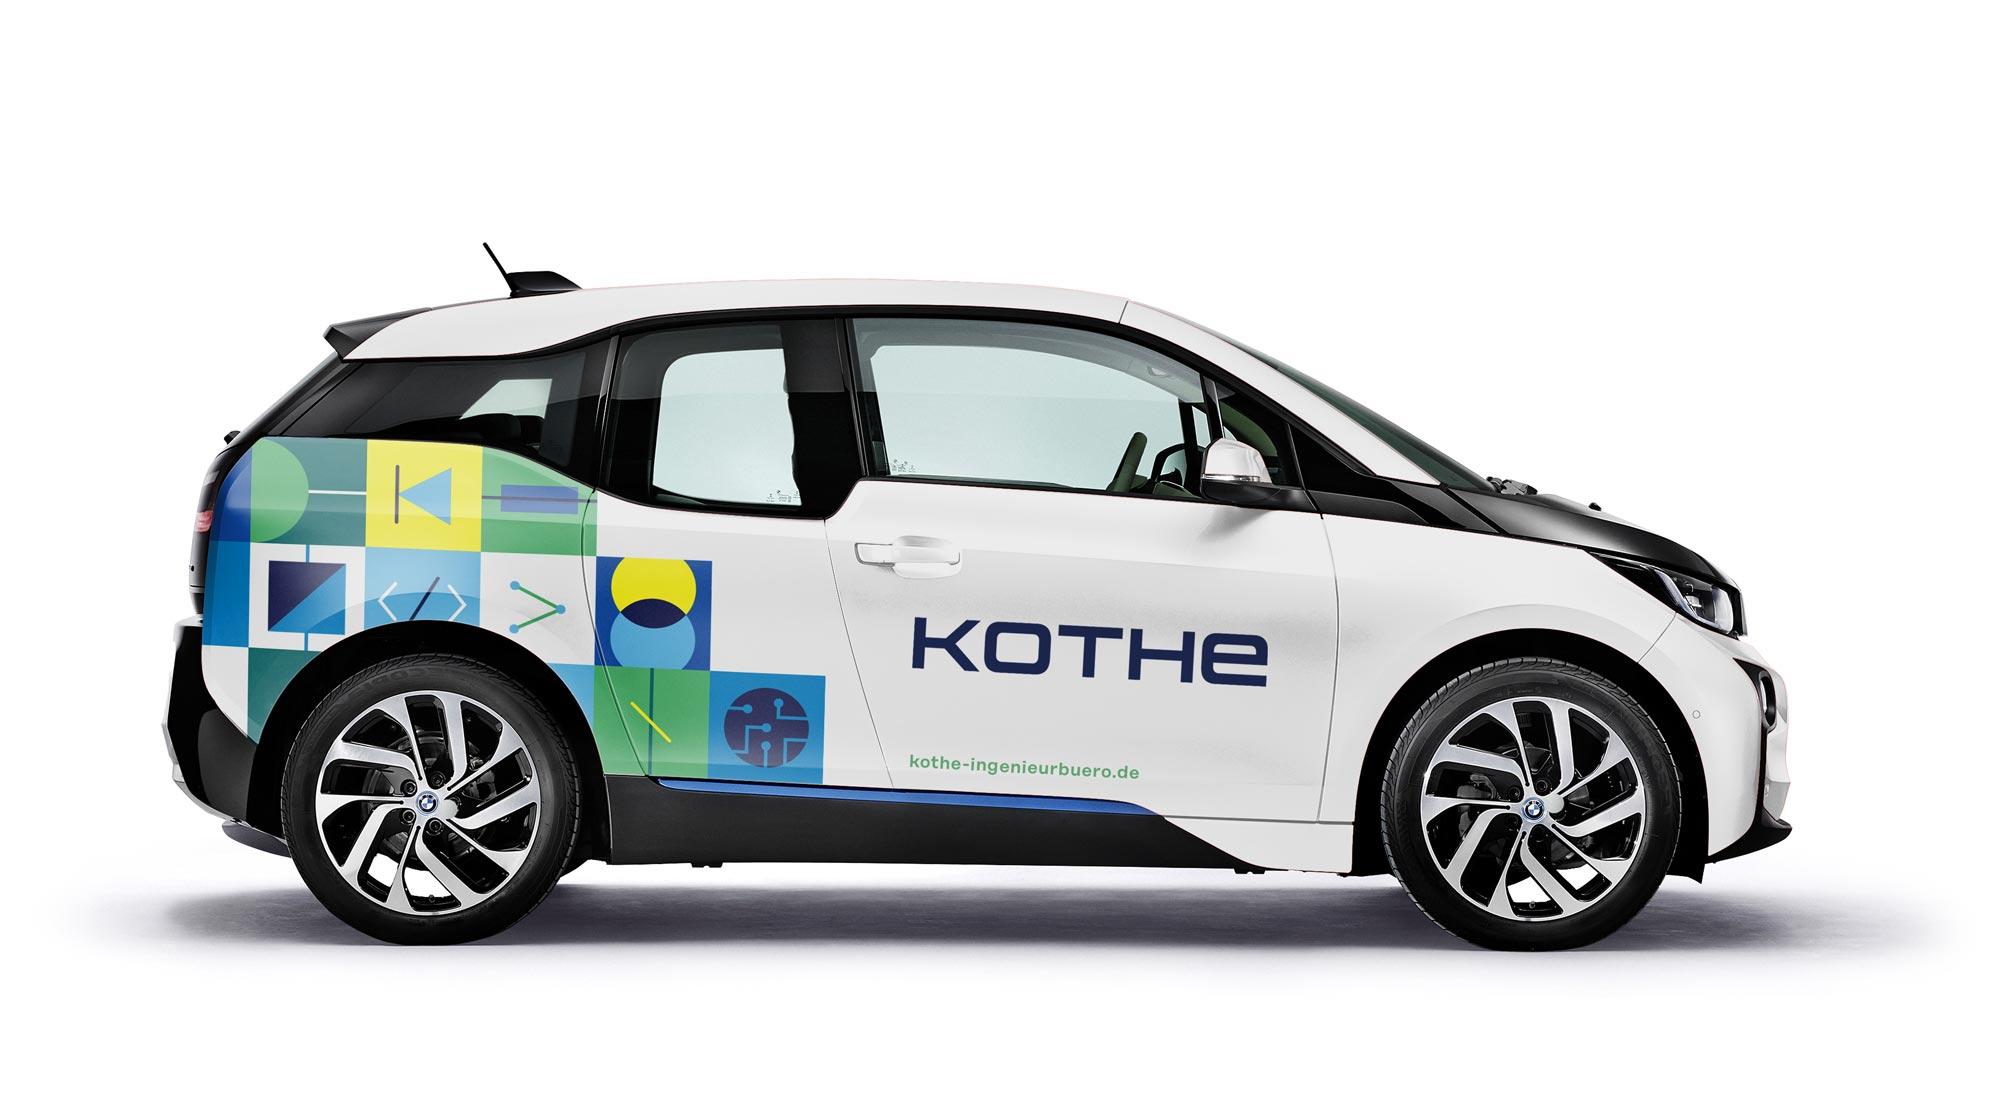 Elektrofahrzeug im neuen Corporate Design